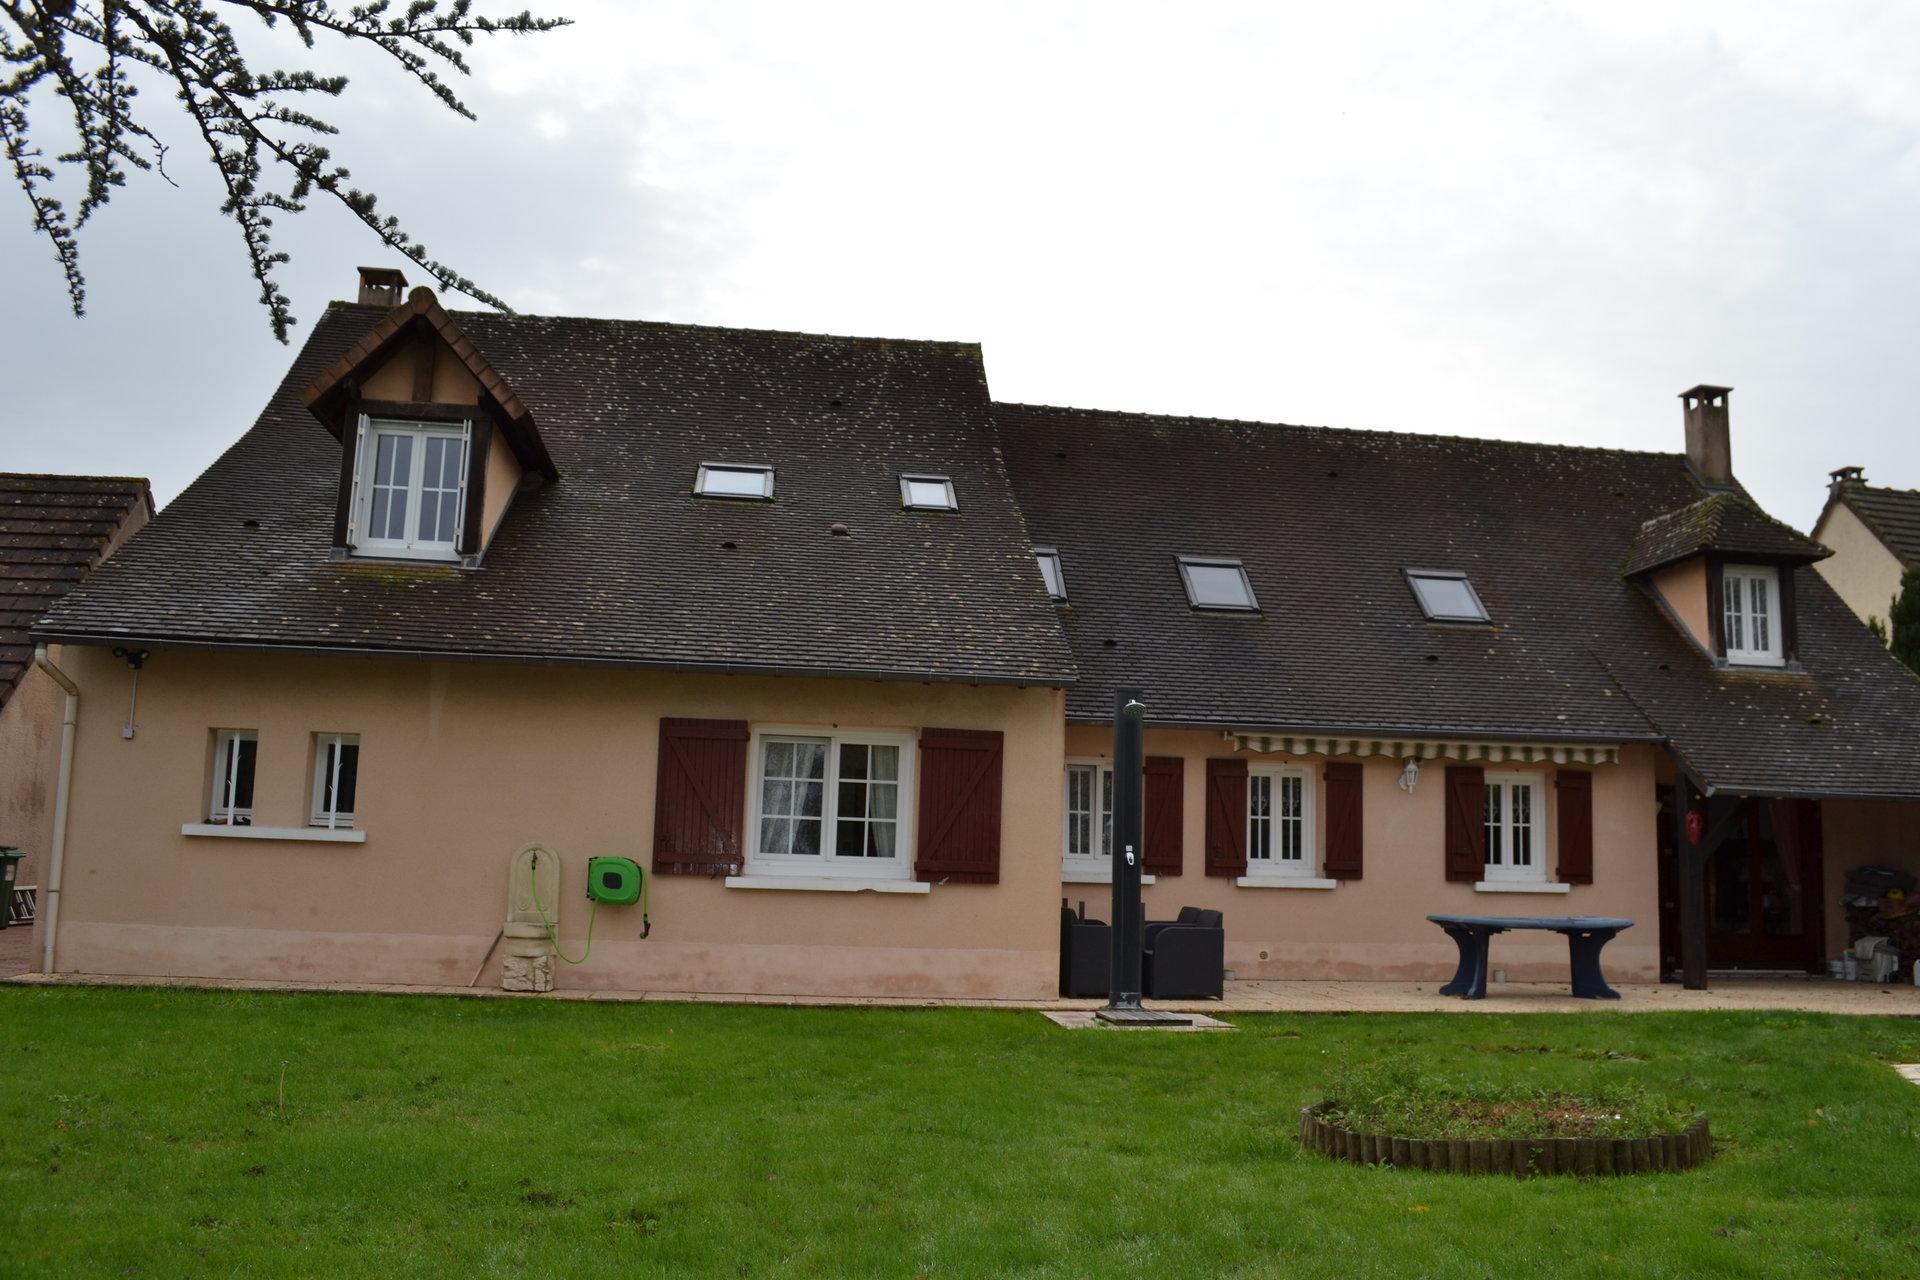 Maison avec piscine Saint Lambert des bois